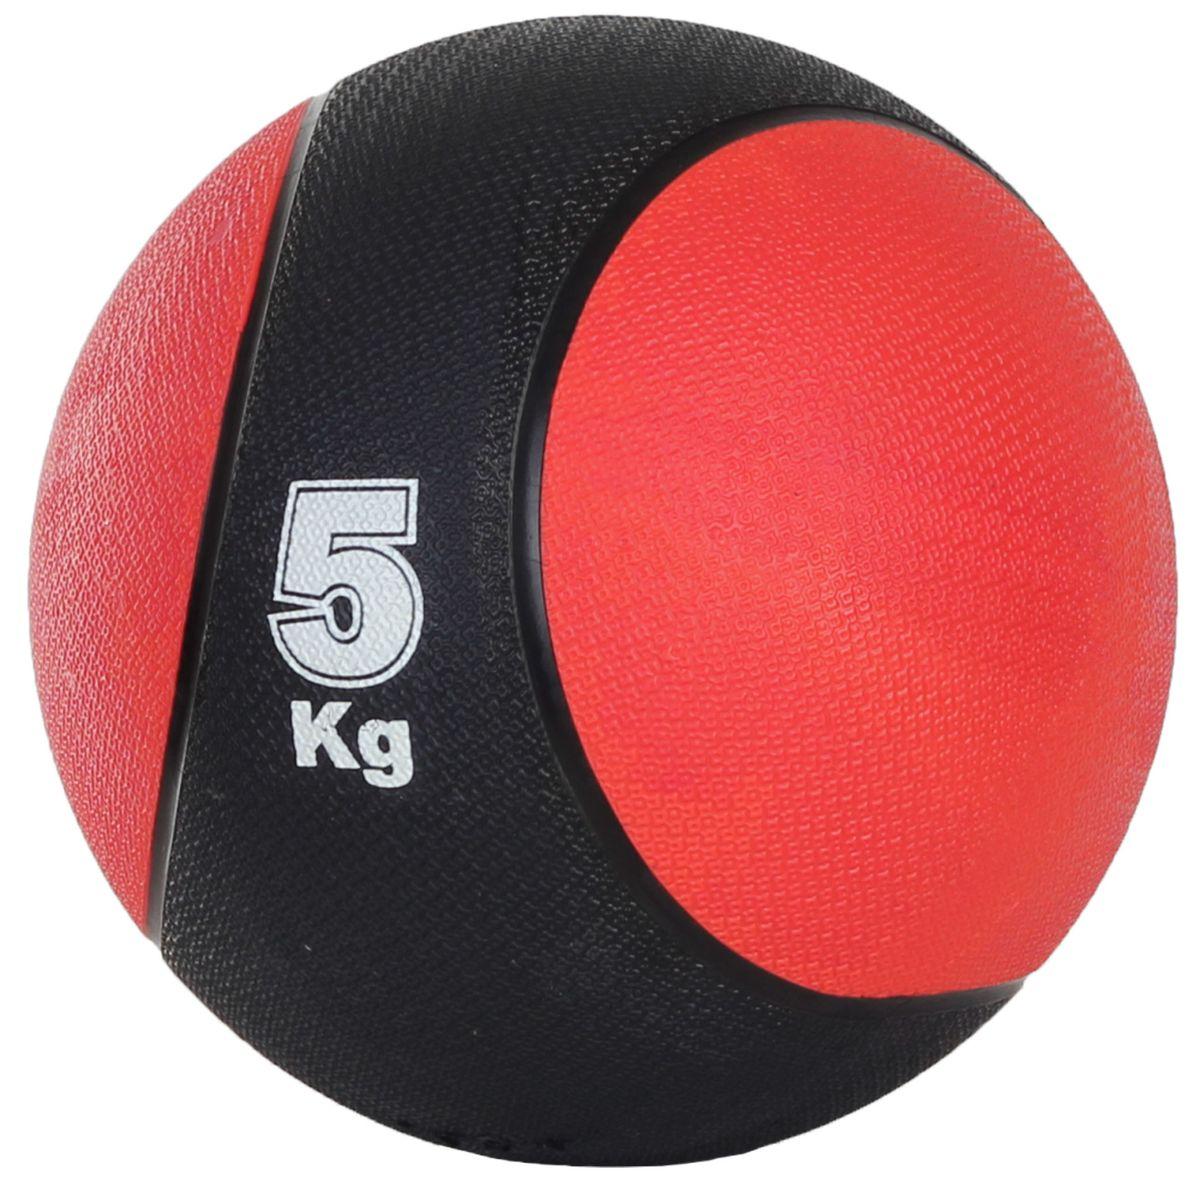 Медицинбол Start Up MBR5, цвет: черный, красный, 5 кг, 24 см290262Медицинбол Start Up MBR5 - тренировочный мяч, который прекрасно подходит для занятий фитнесом, аэробикой или ЛФК (лечебной физкультурой). Шероховатая поверхность не дает ему выскользнуть из рук. Предназначен для укрепления мышц плечевого пояса, спины, рук и ног. Мяч выполнен из резины, наполнен также резиной.